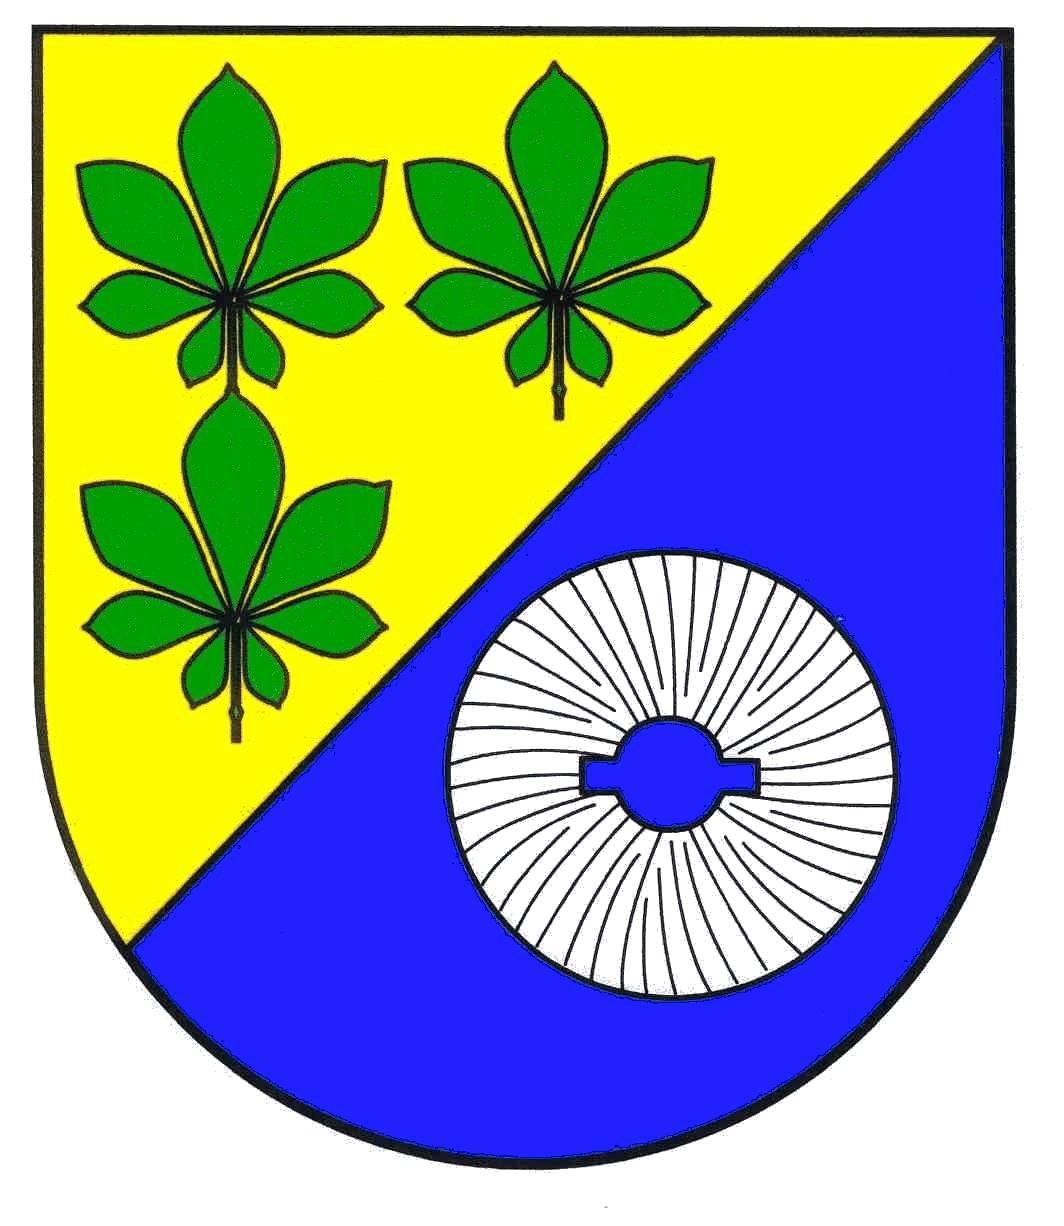 Wappen GemeindeKühren, Kreis Plön